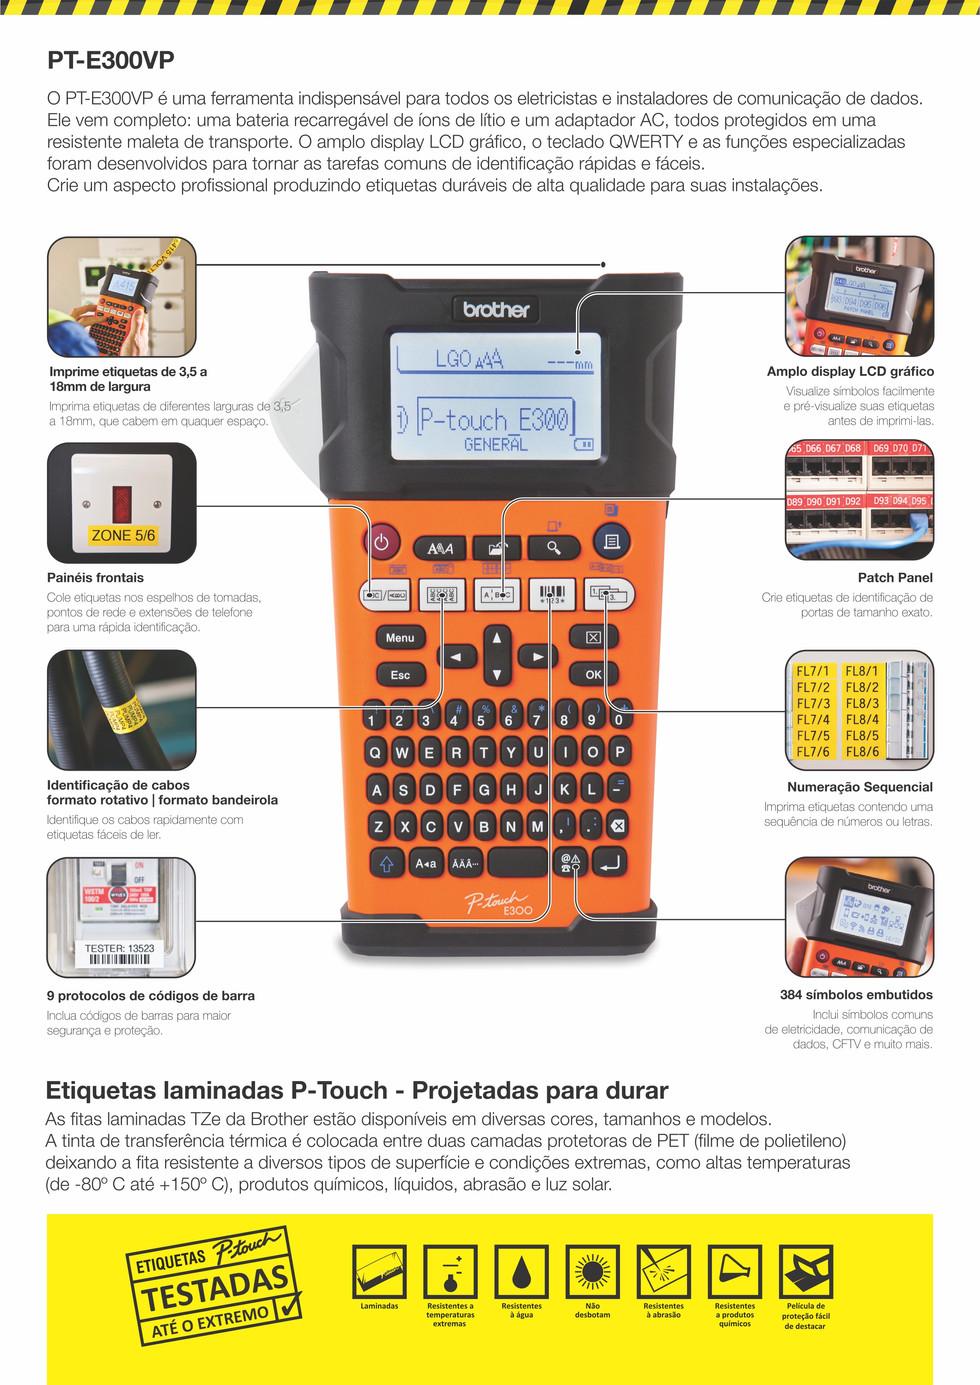 Catálogo PT E300VP - Web_3.jpg